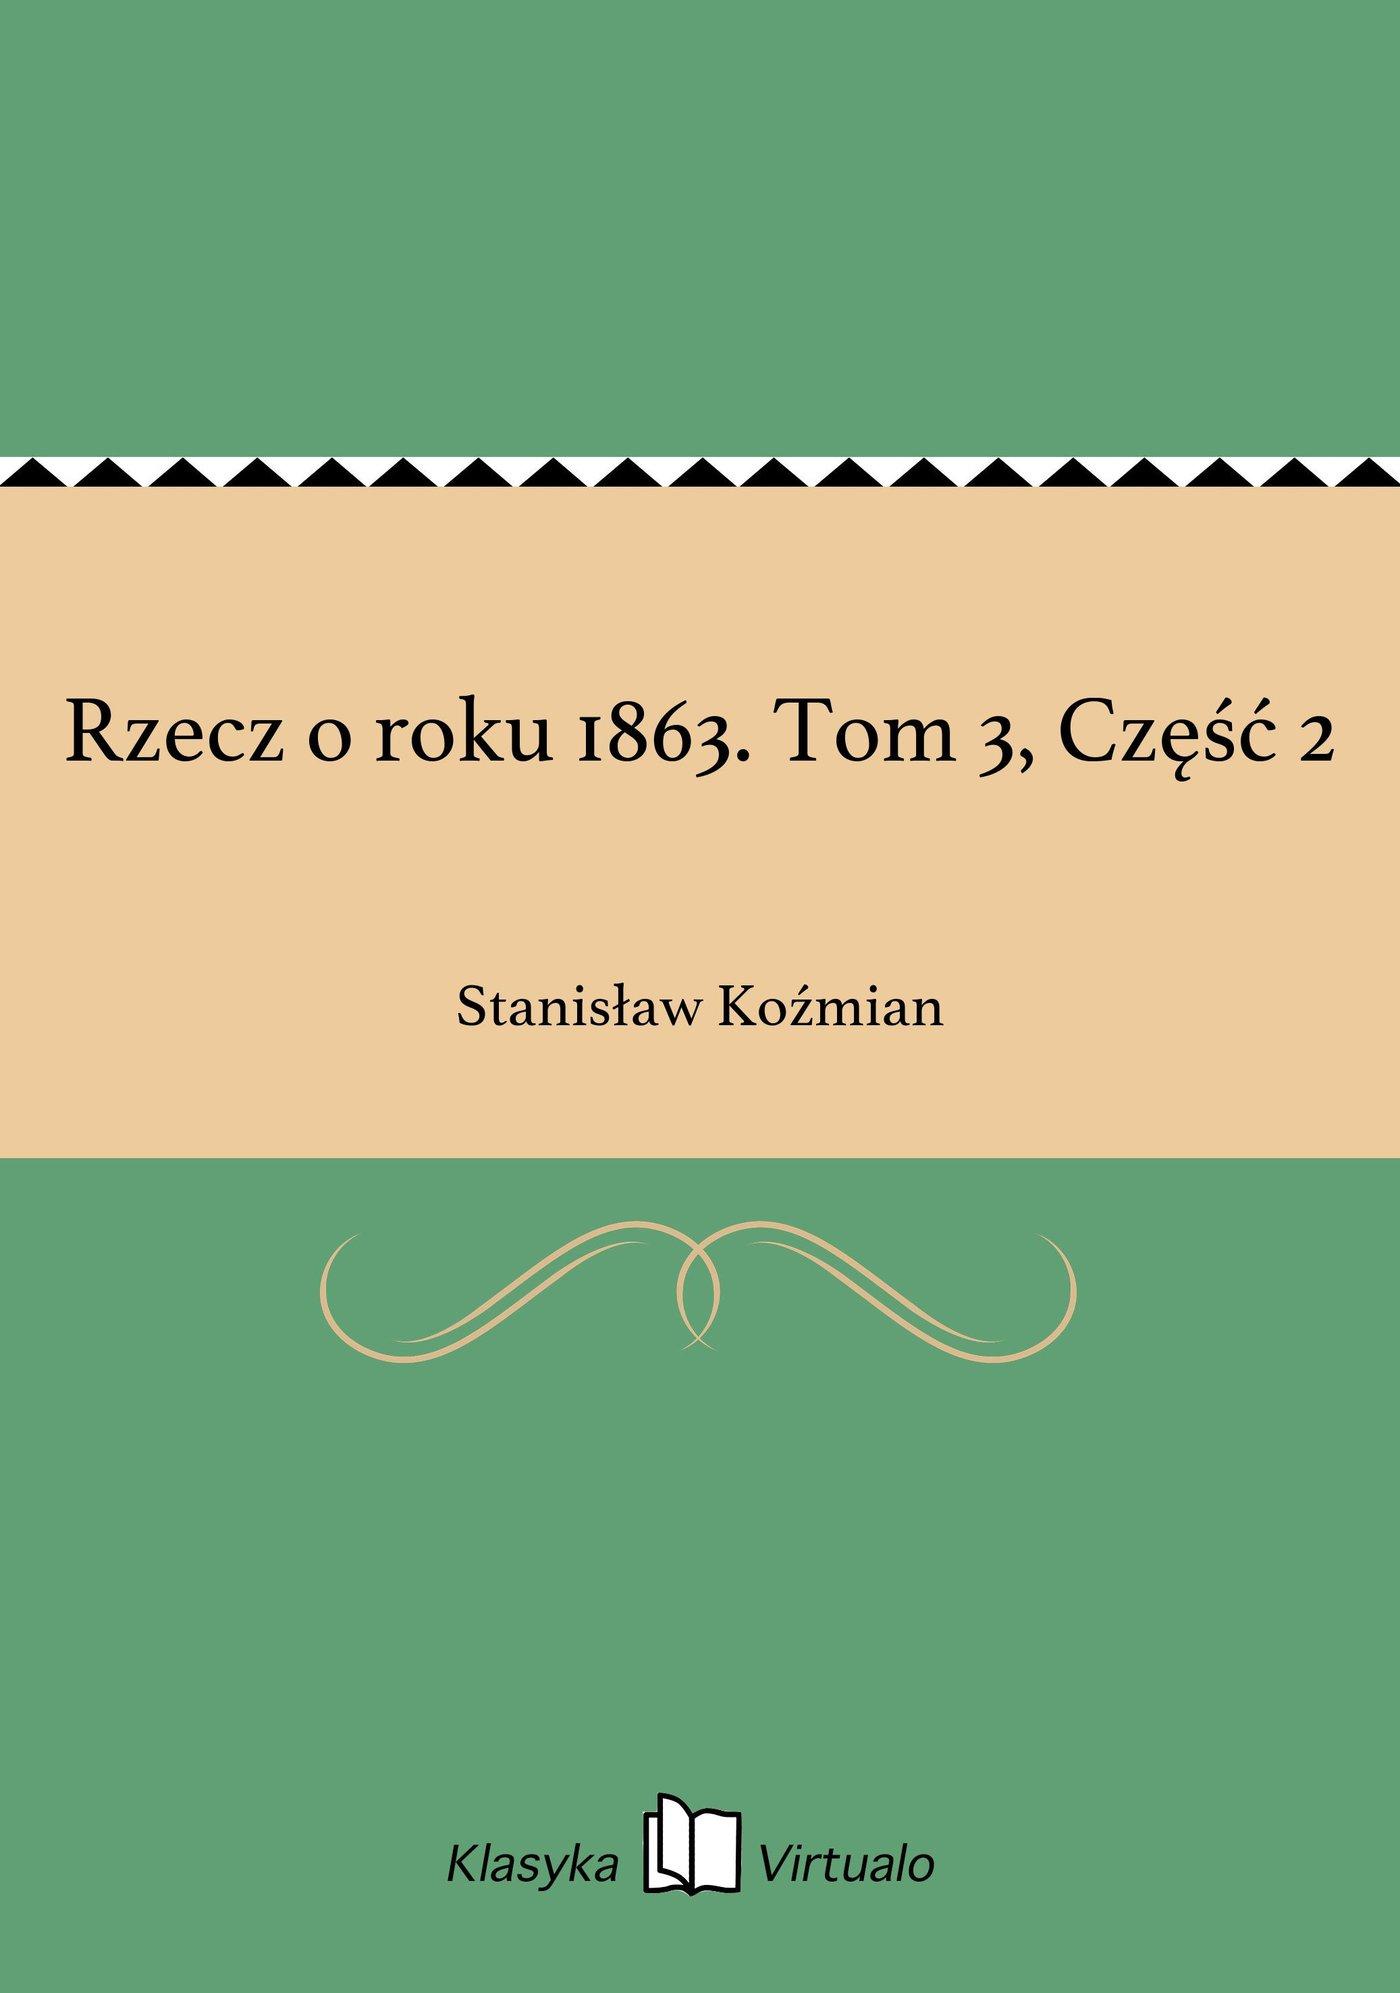 Rzecz o roku 1863. Tom 3, Część 2 - Ebook (Książka EPUB) do pobrania w formacie EPUB